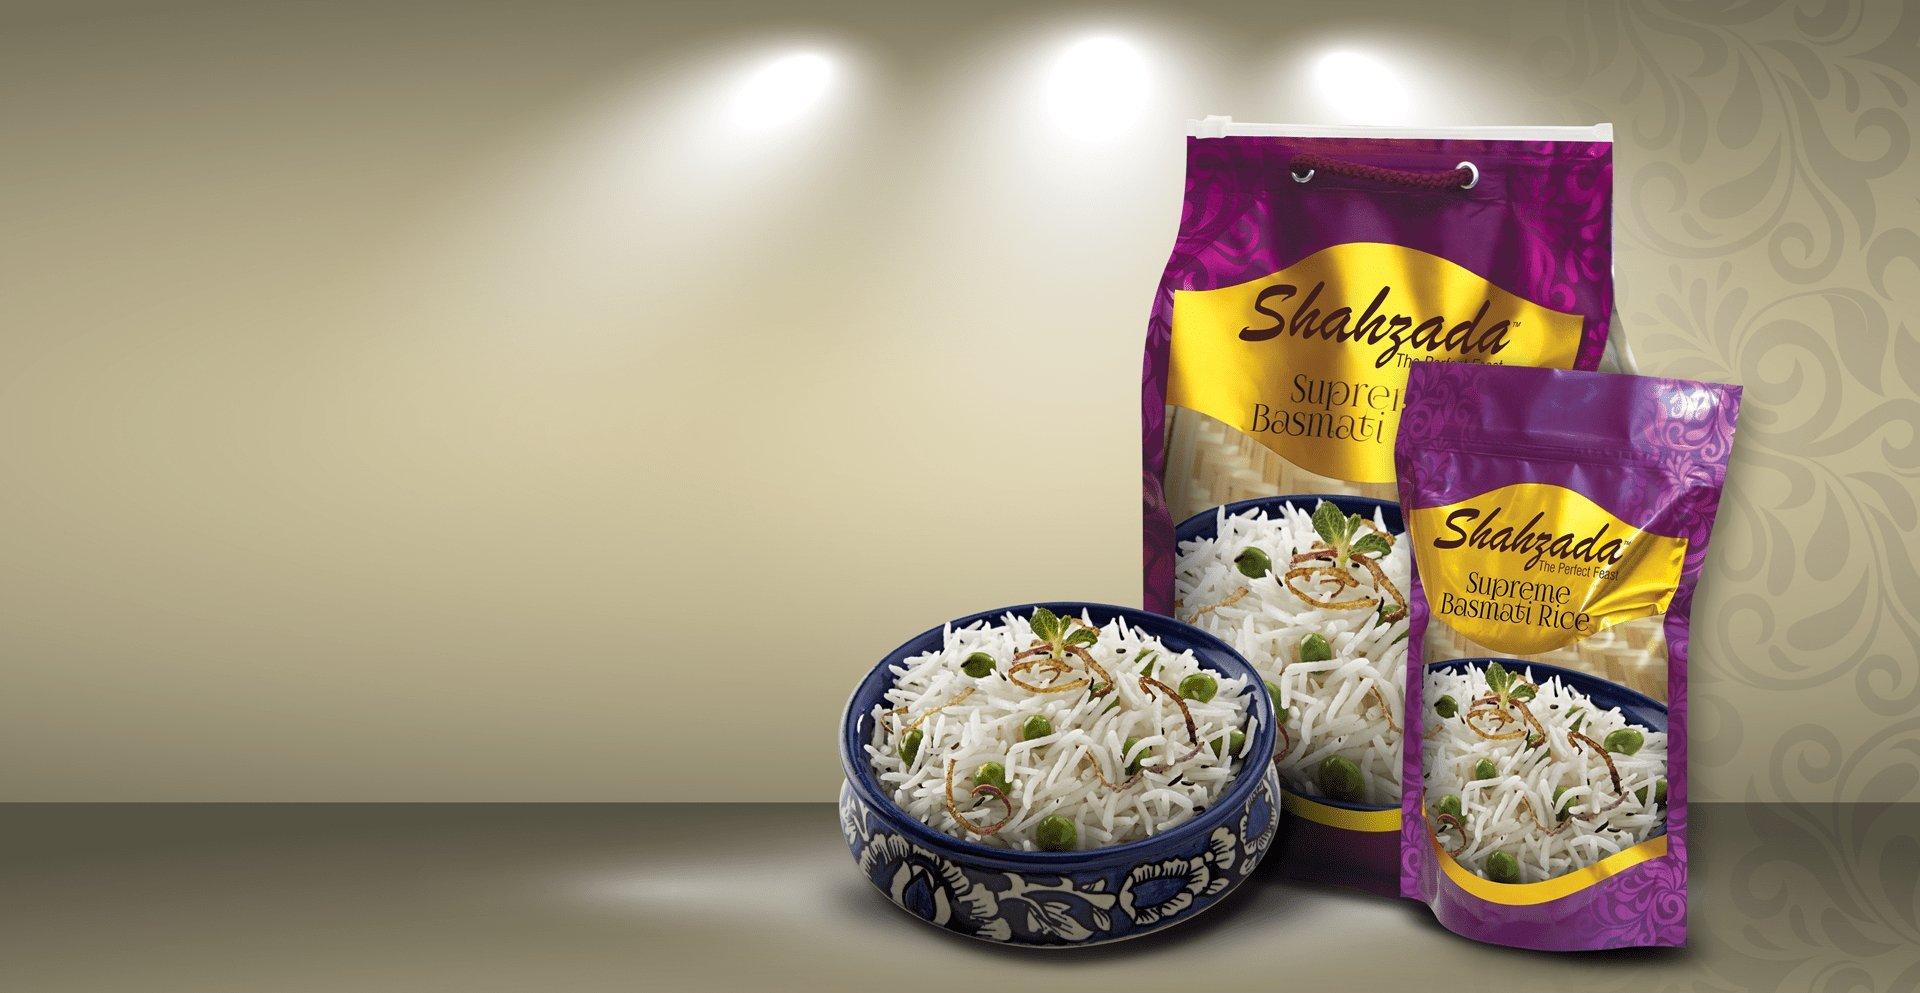 Shahzada Basmati Supreme Rice - 2 Lbs